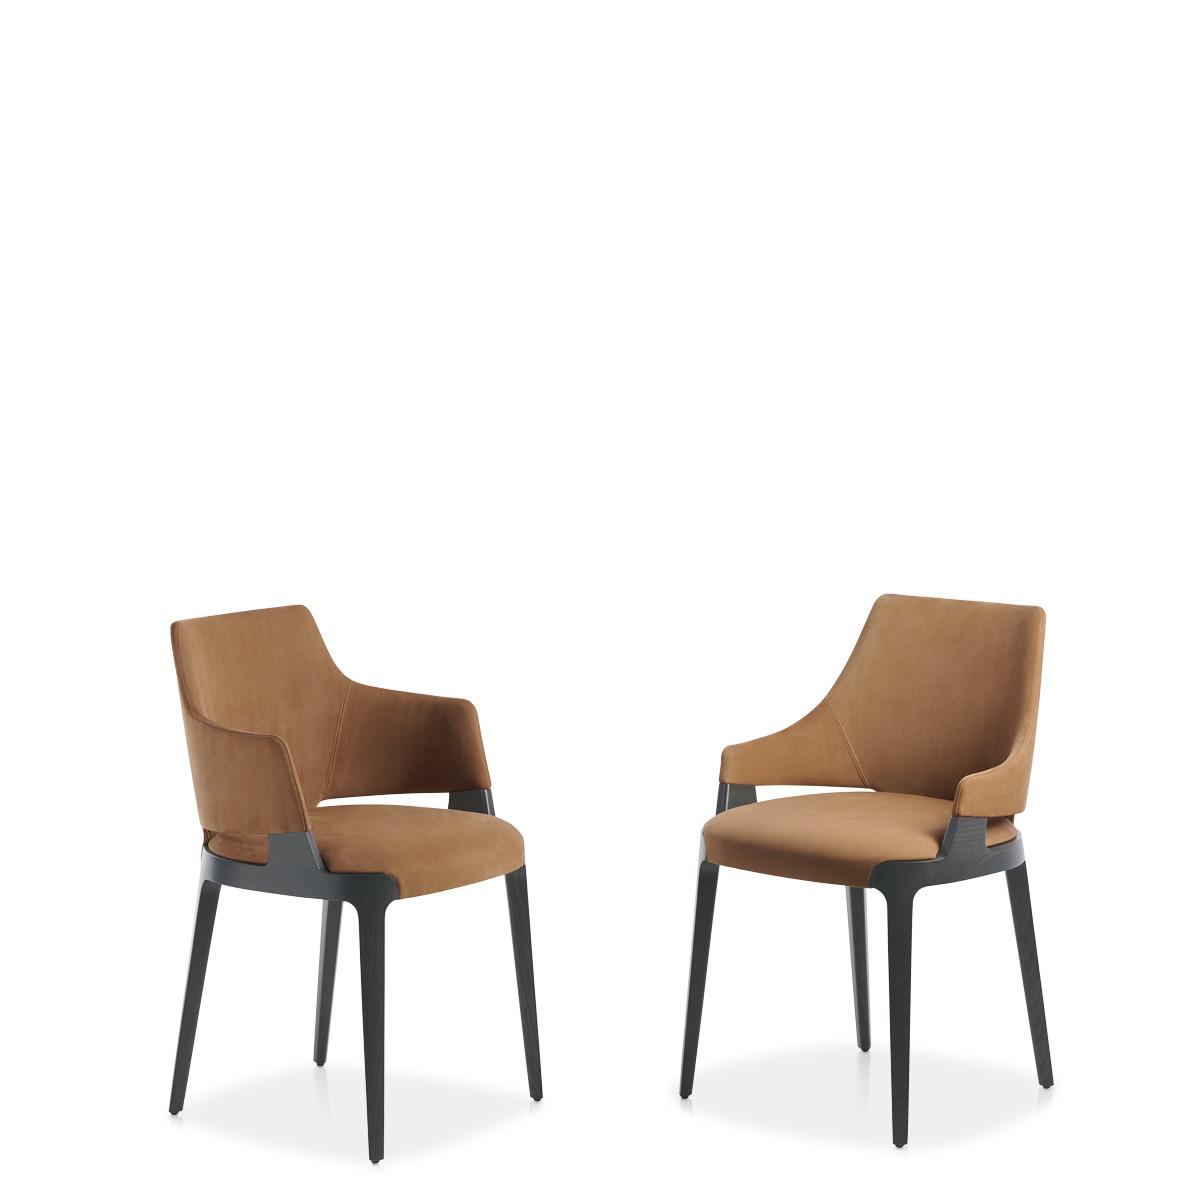 Entdecken Sie bei Conzept Beckord besondere Designmöbel! Hier finden Sie Potocco Stühle: Velis